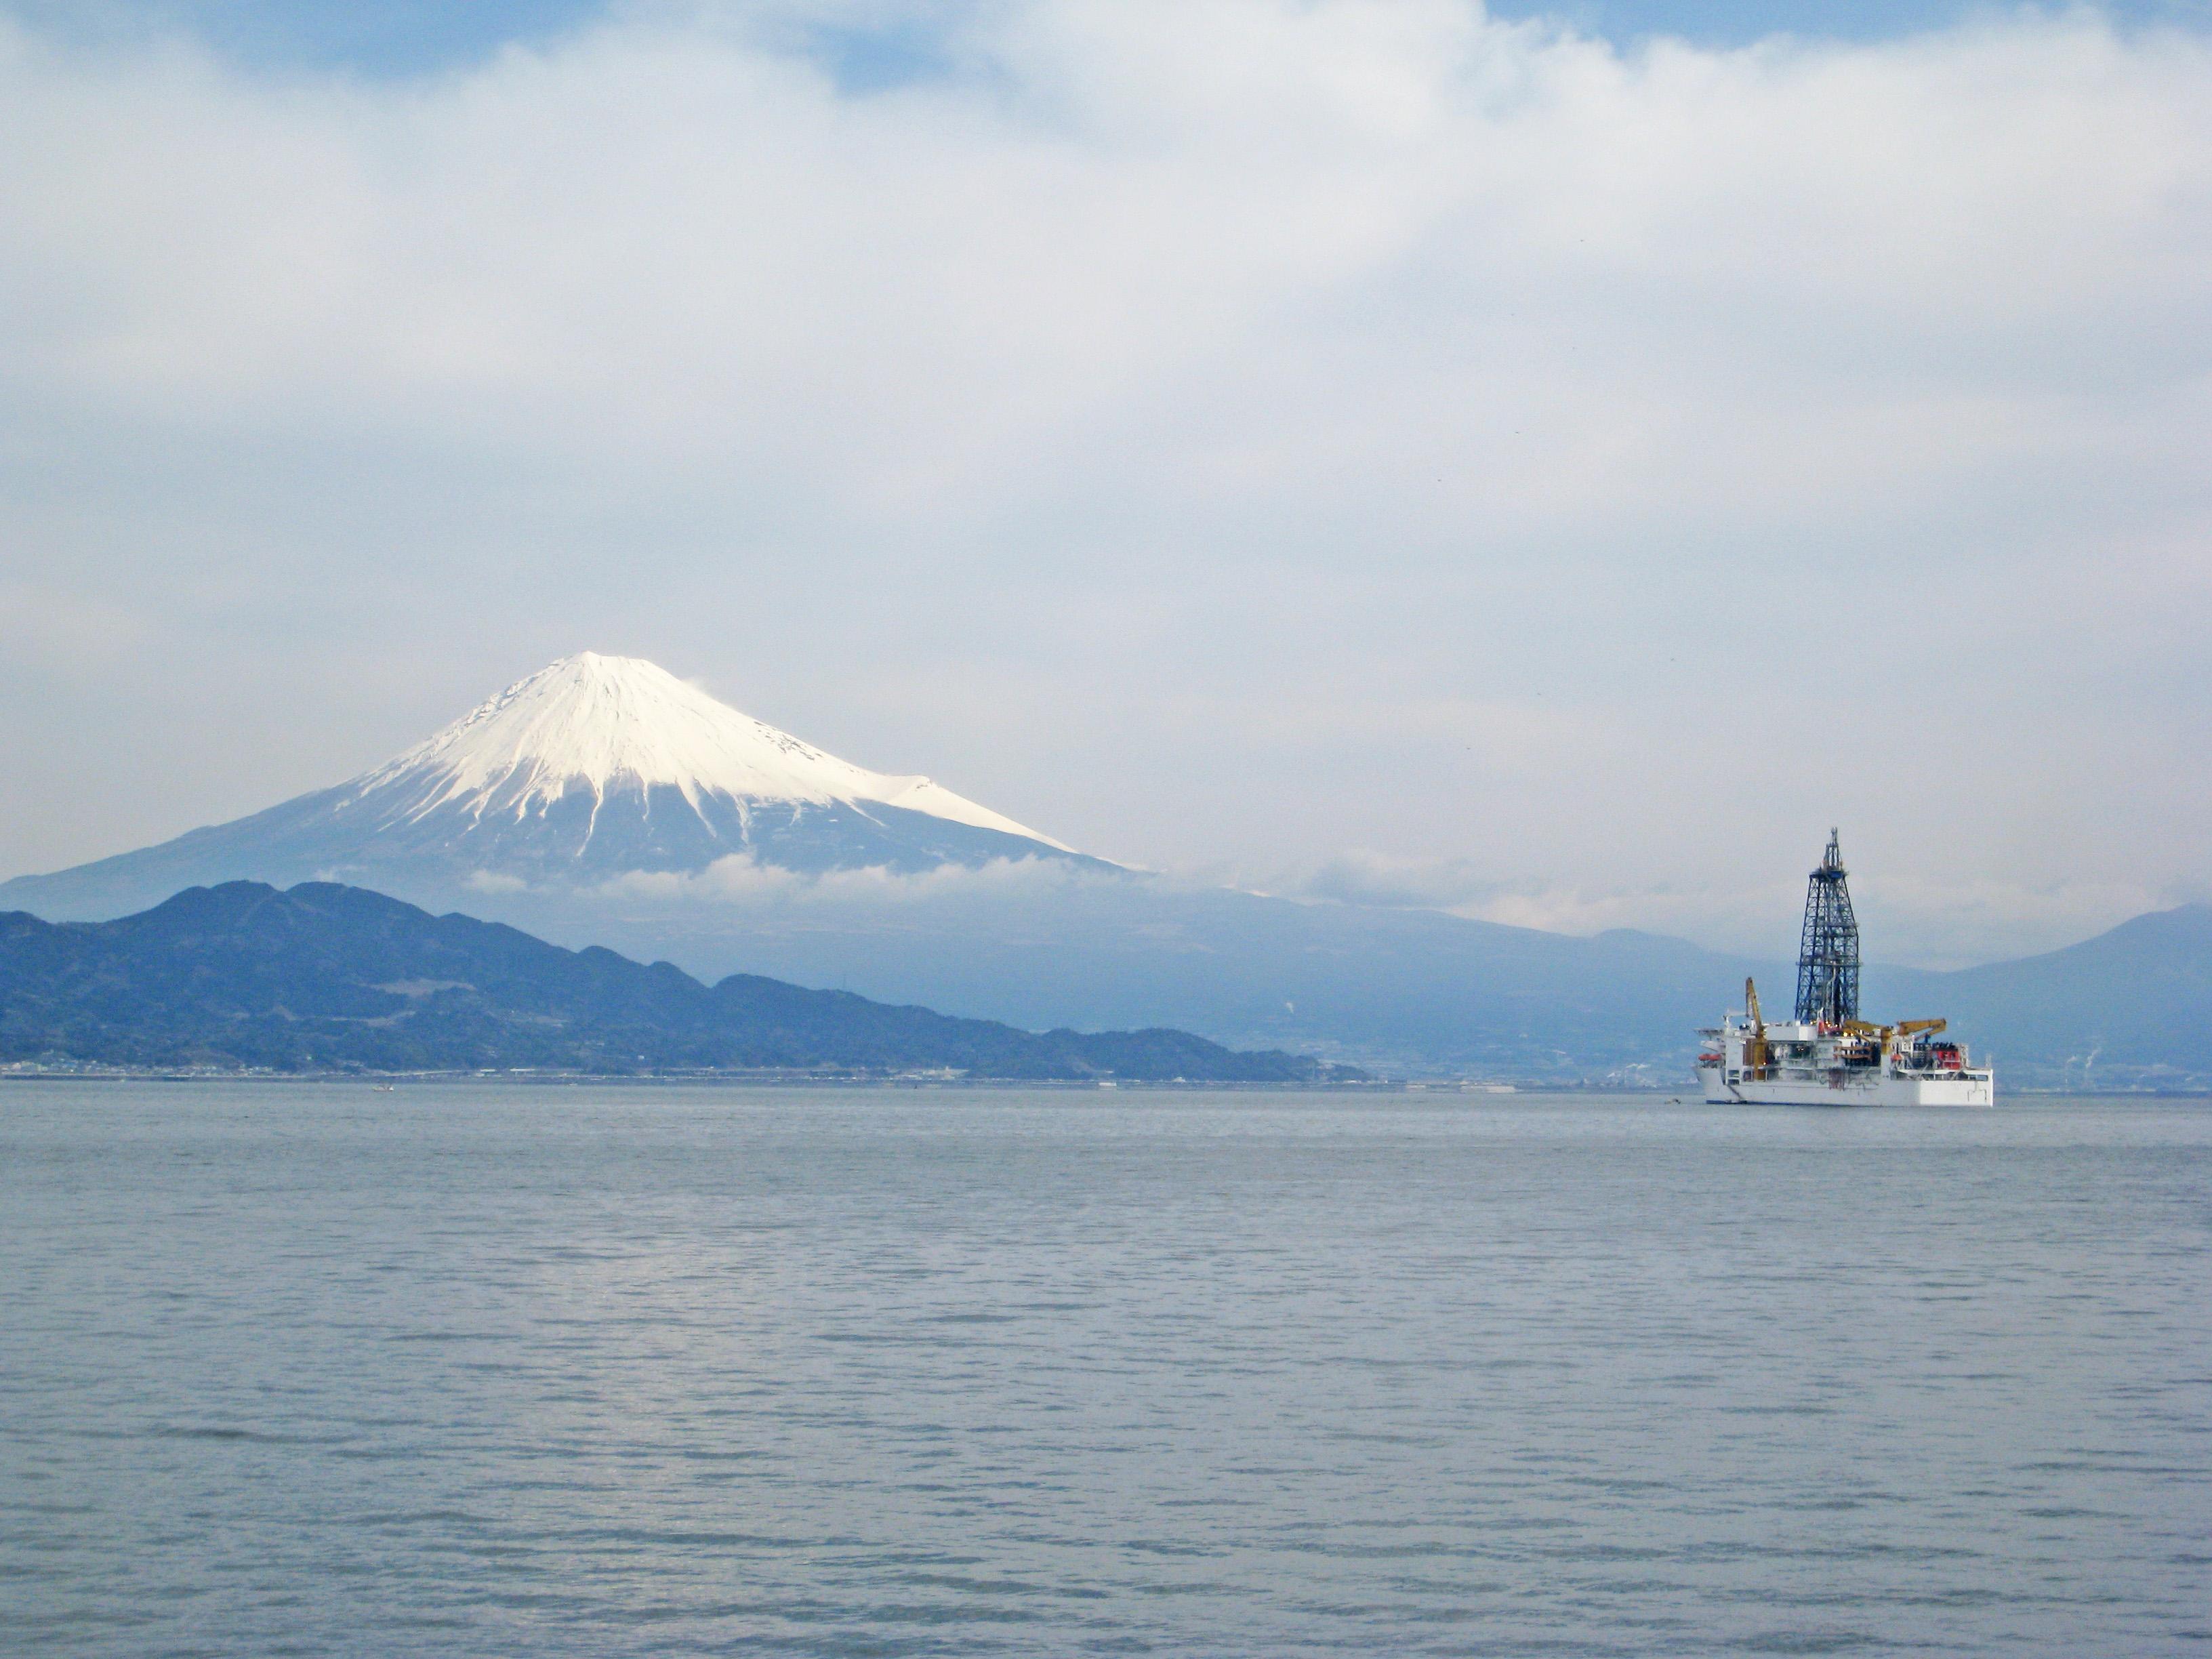 Le navire japonais Chikyu, ici devant le mont Fuji, participe au programme Ecord